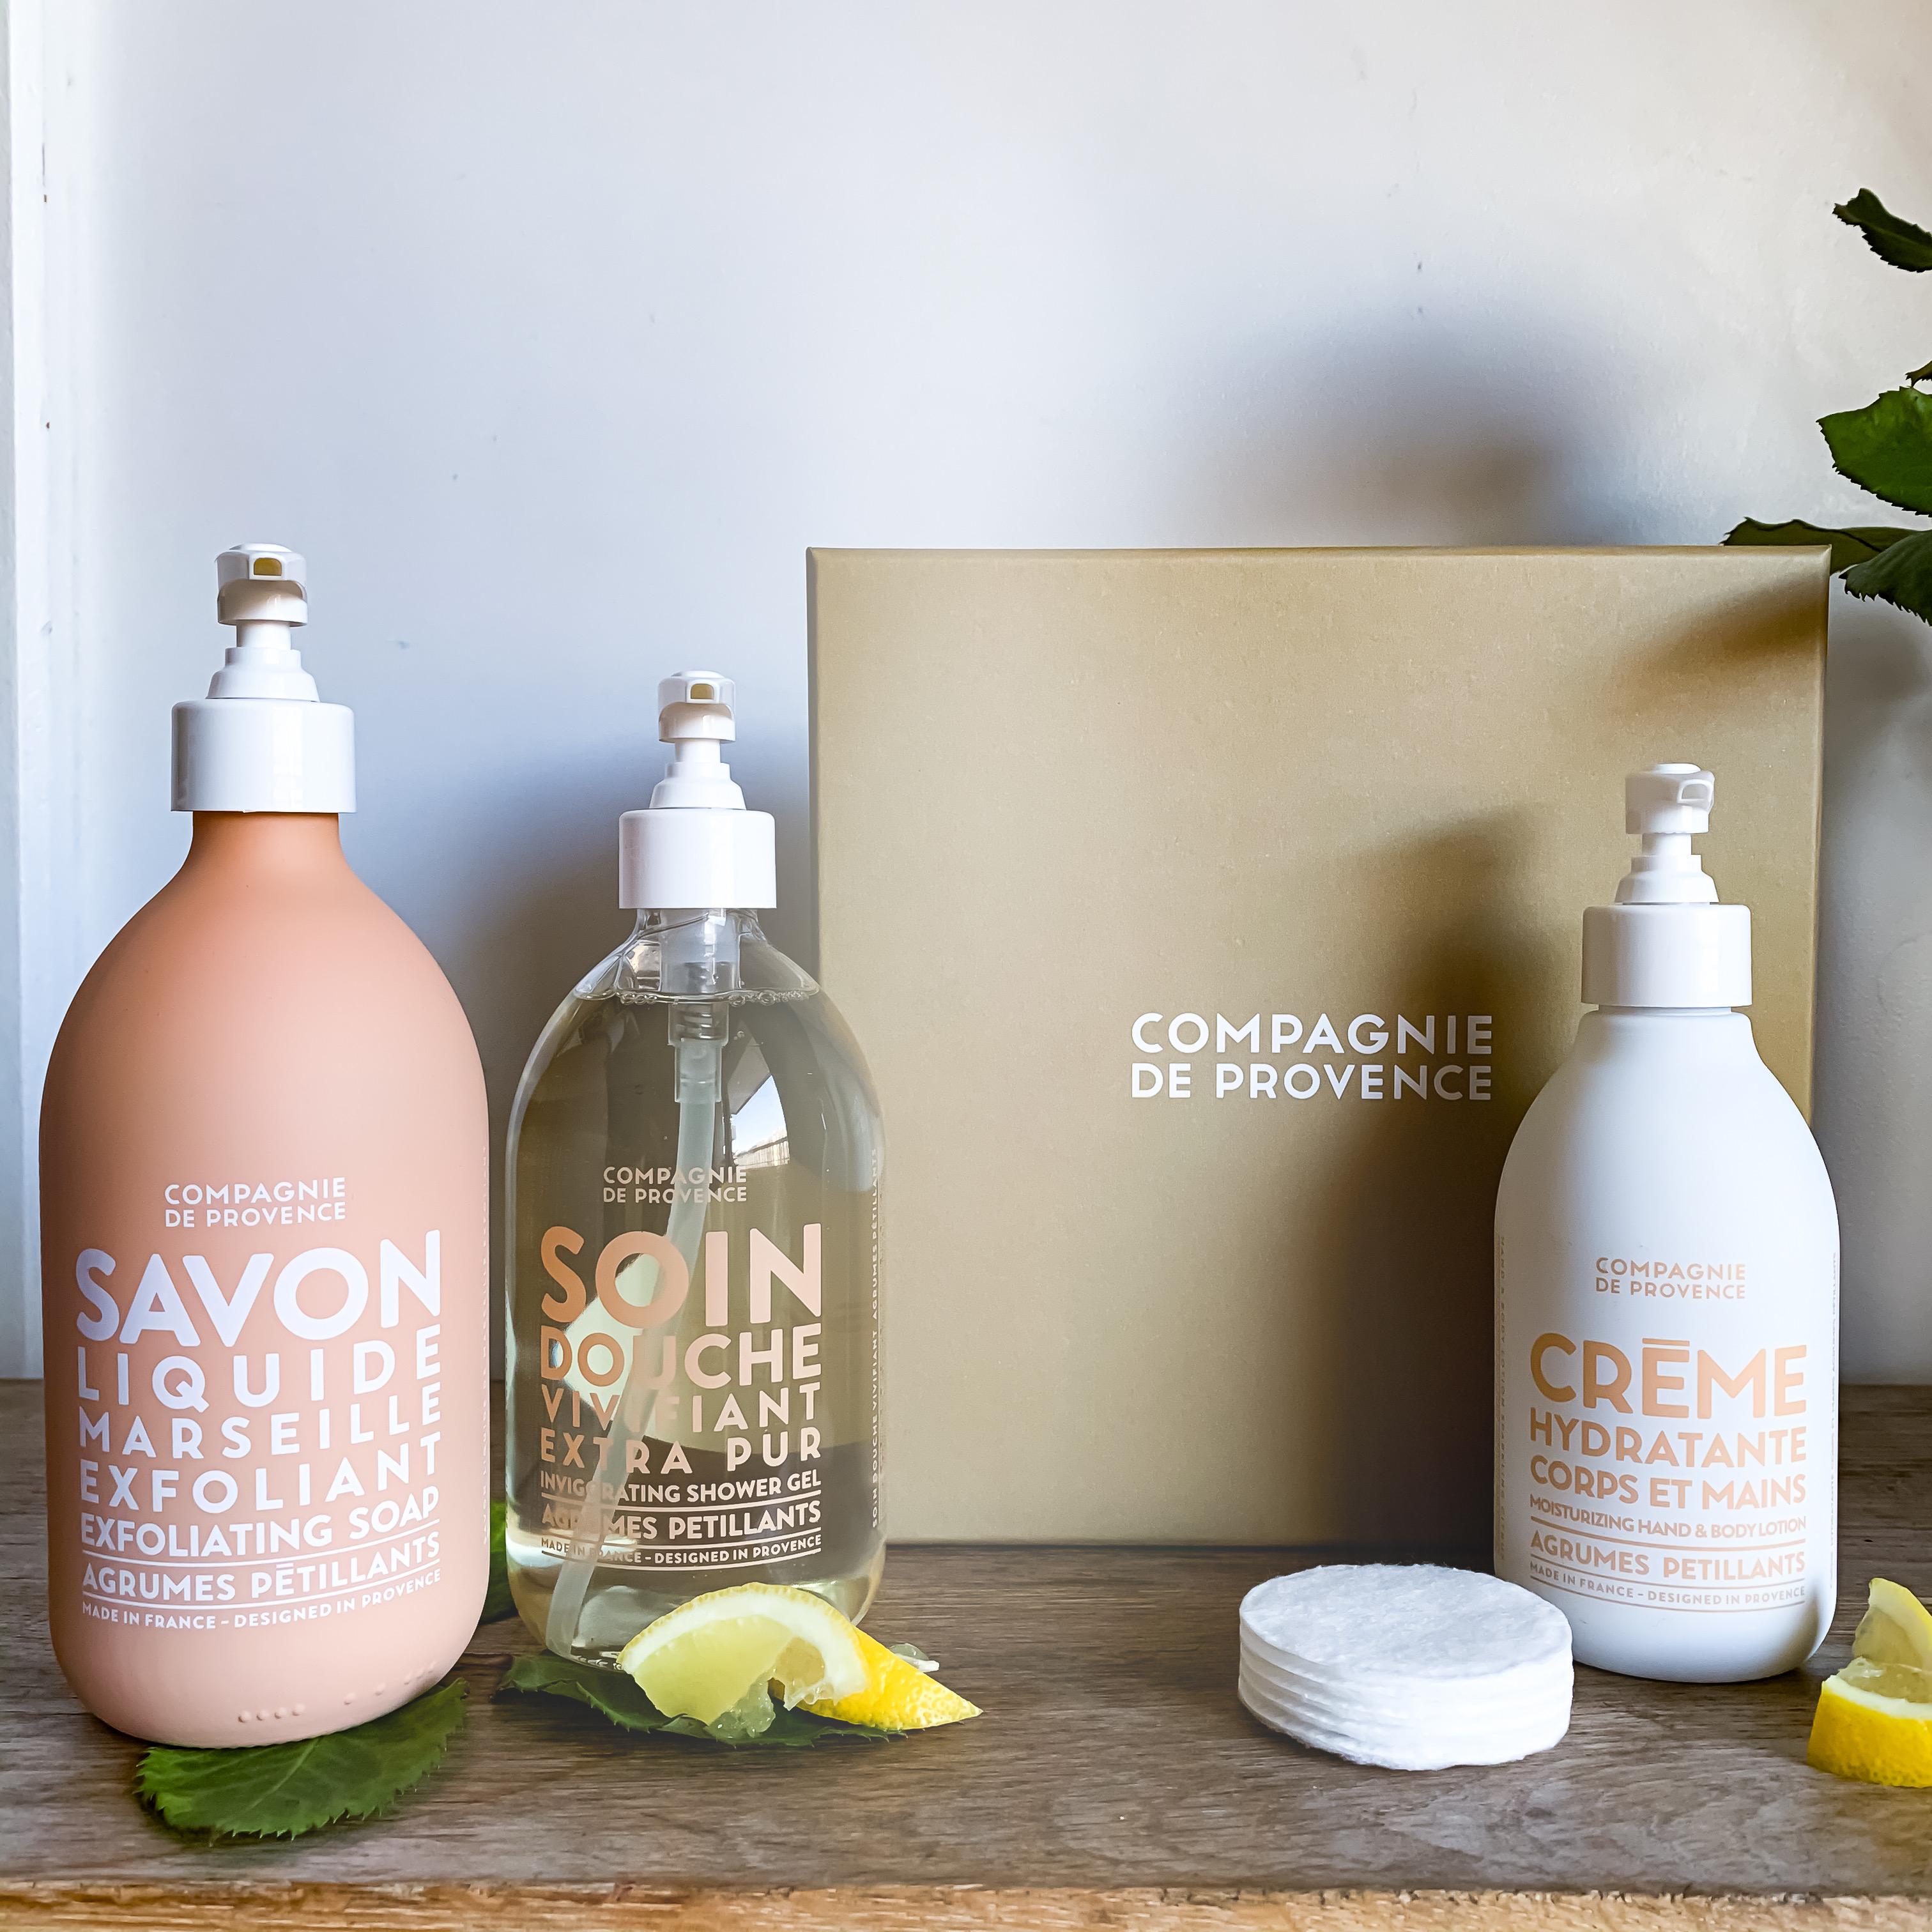 Compagnie de Provence : Les soins naturels pour la peau ?